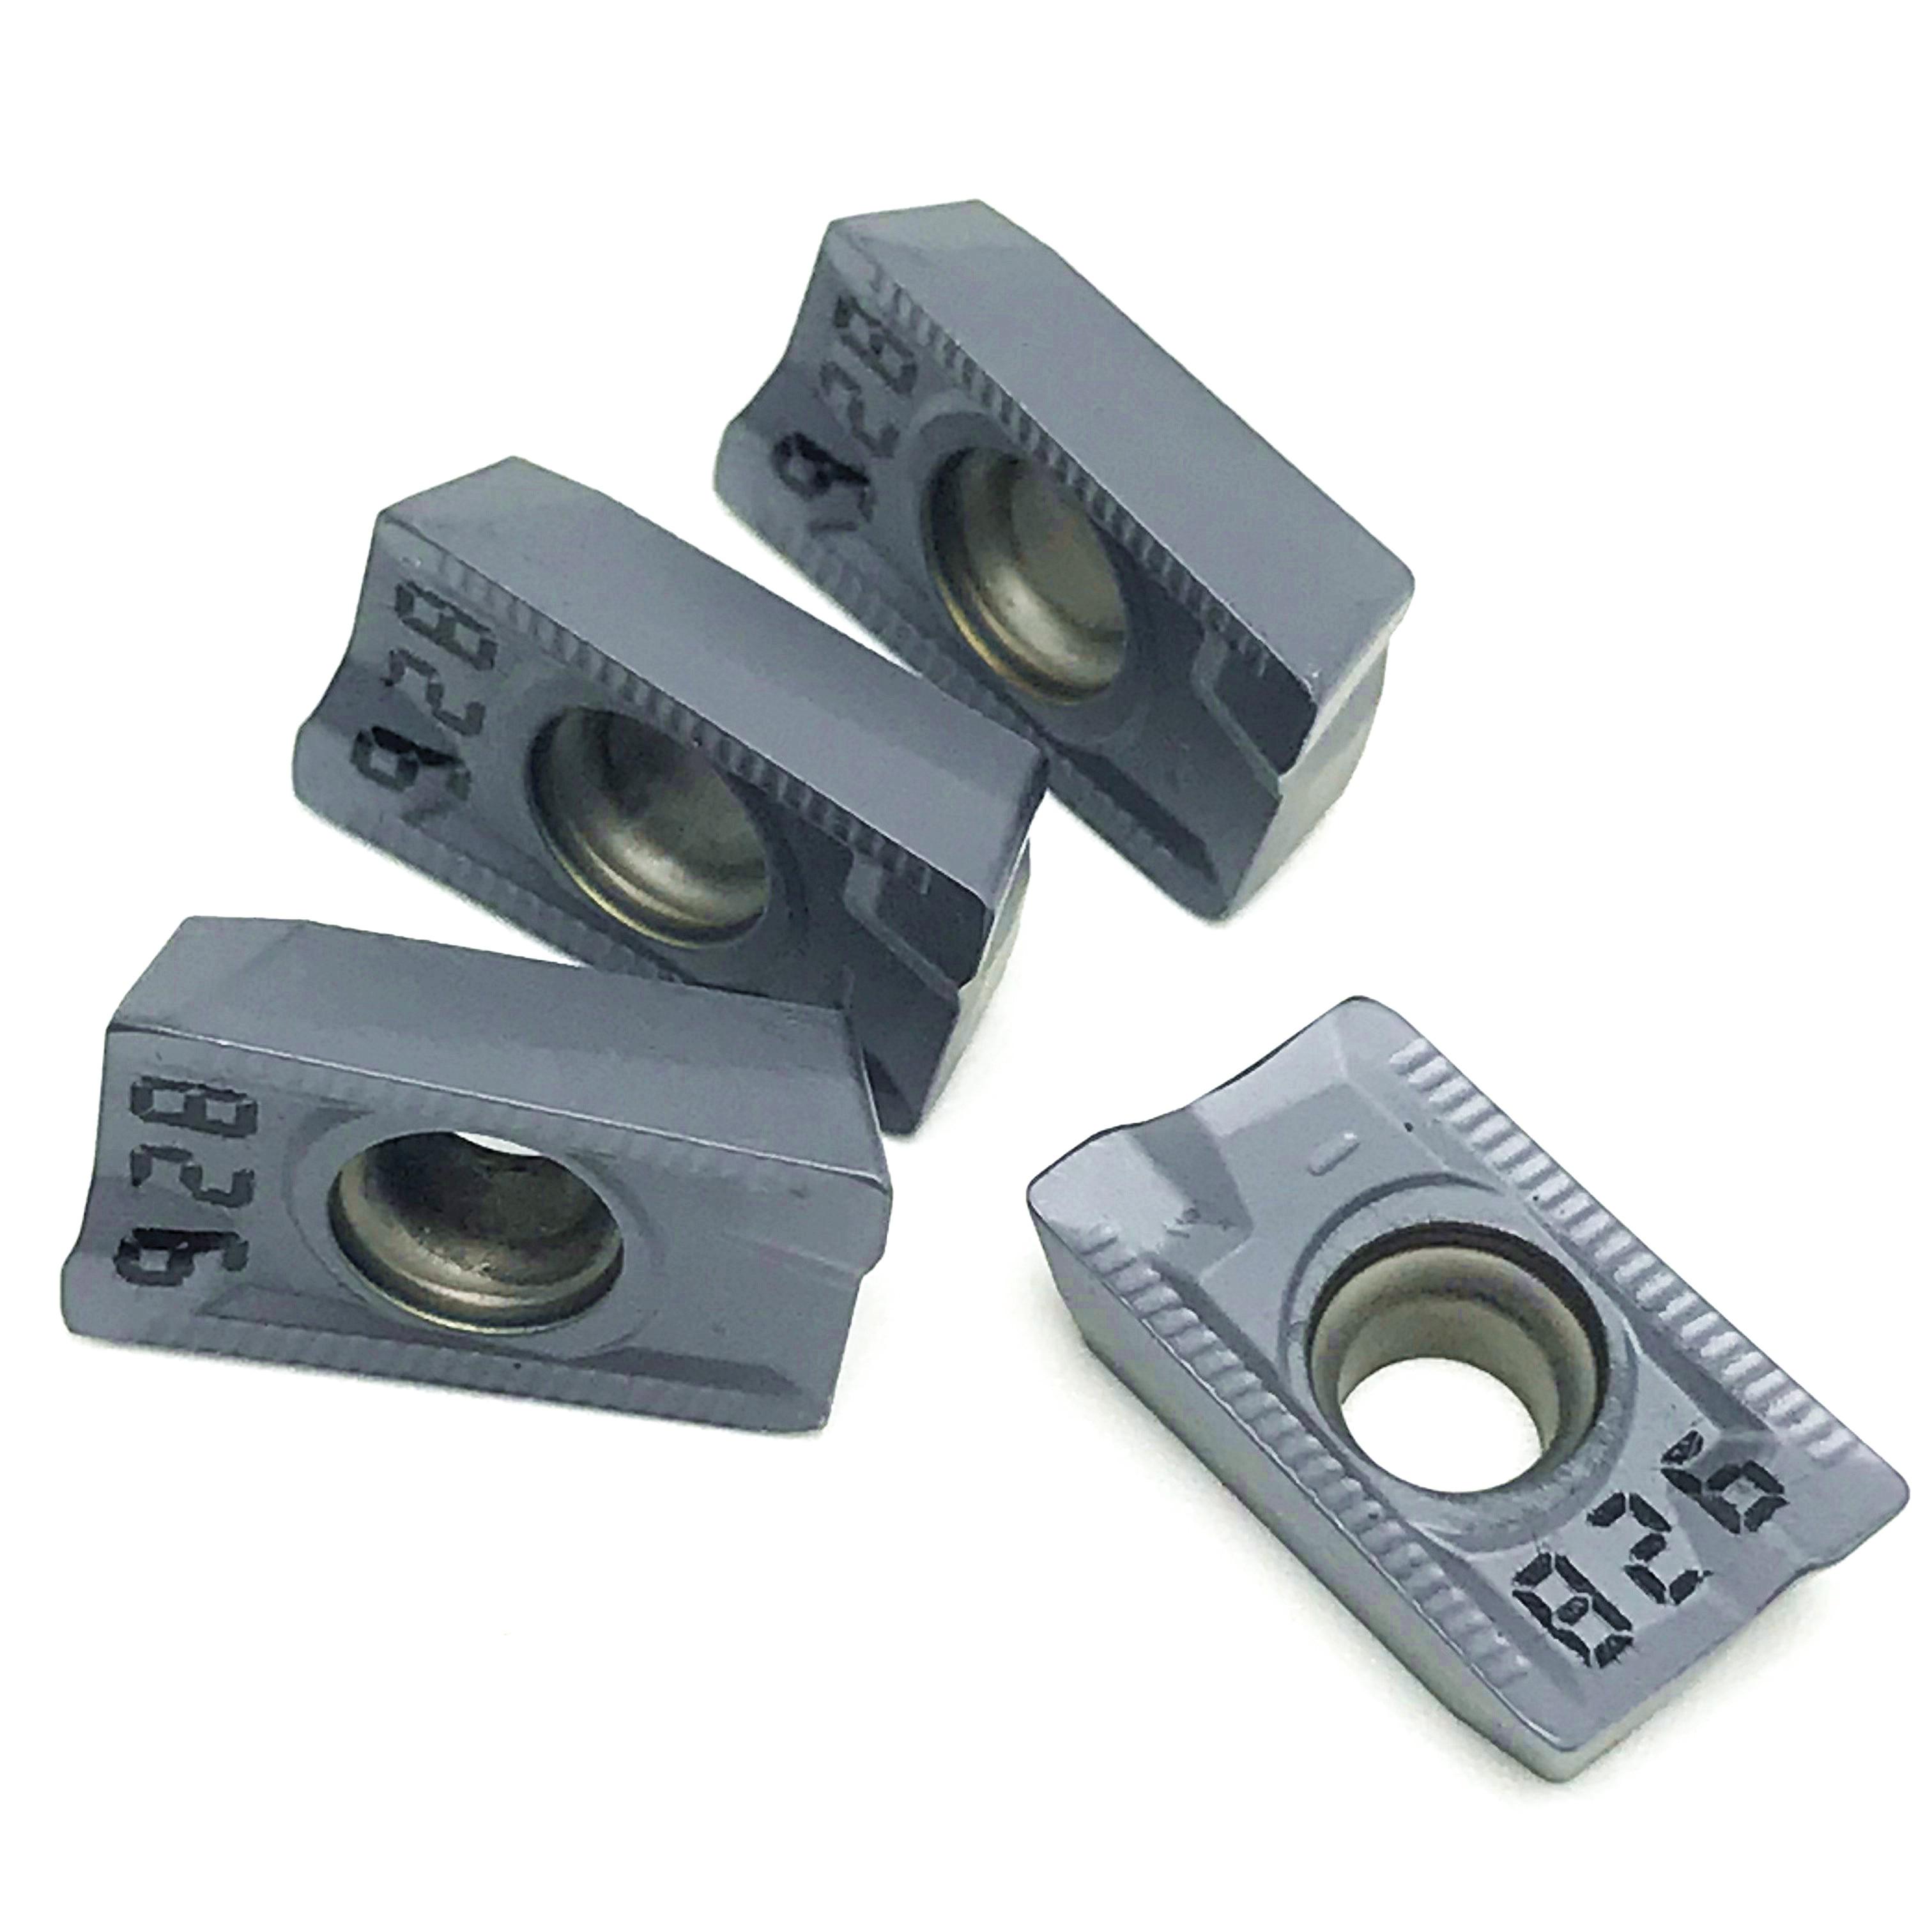 APKT1604 PDER 76 IC928 External Turning Tools Carbide insert metal lathe tools 20pcs apkt 1604 turning insert tungsten carbide in Turning Tool from Tools